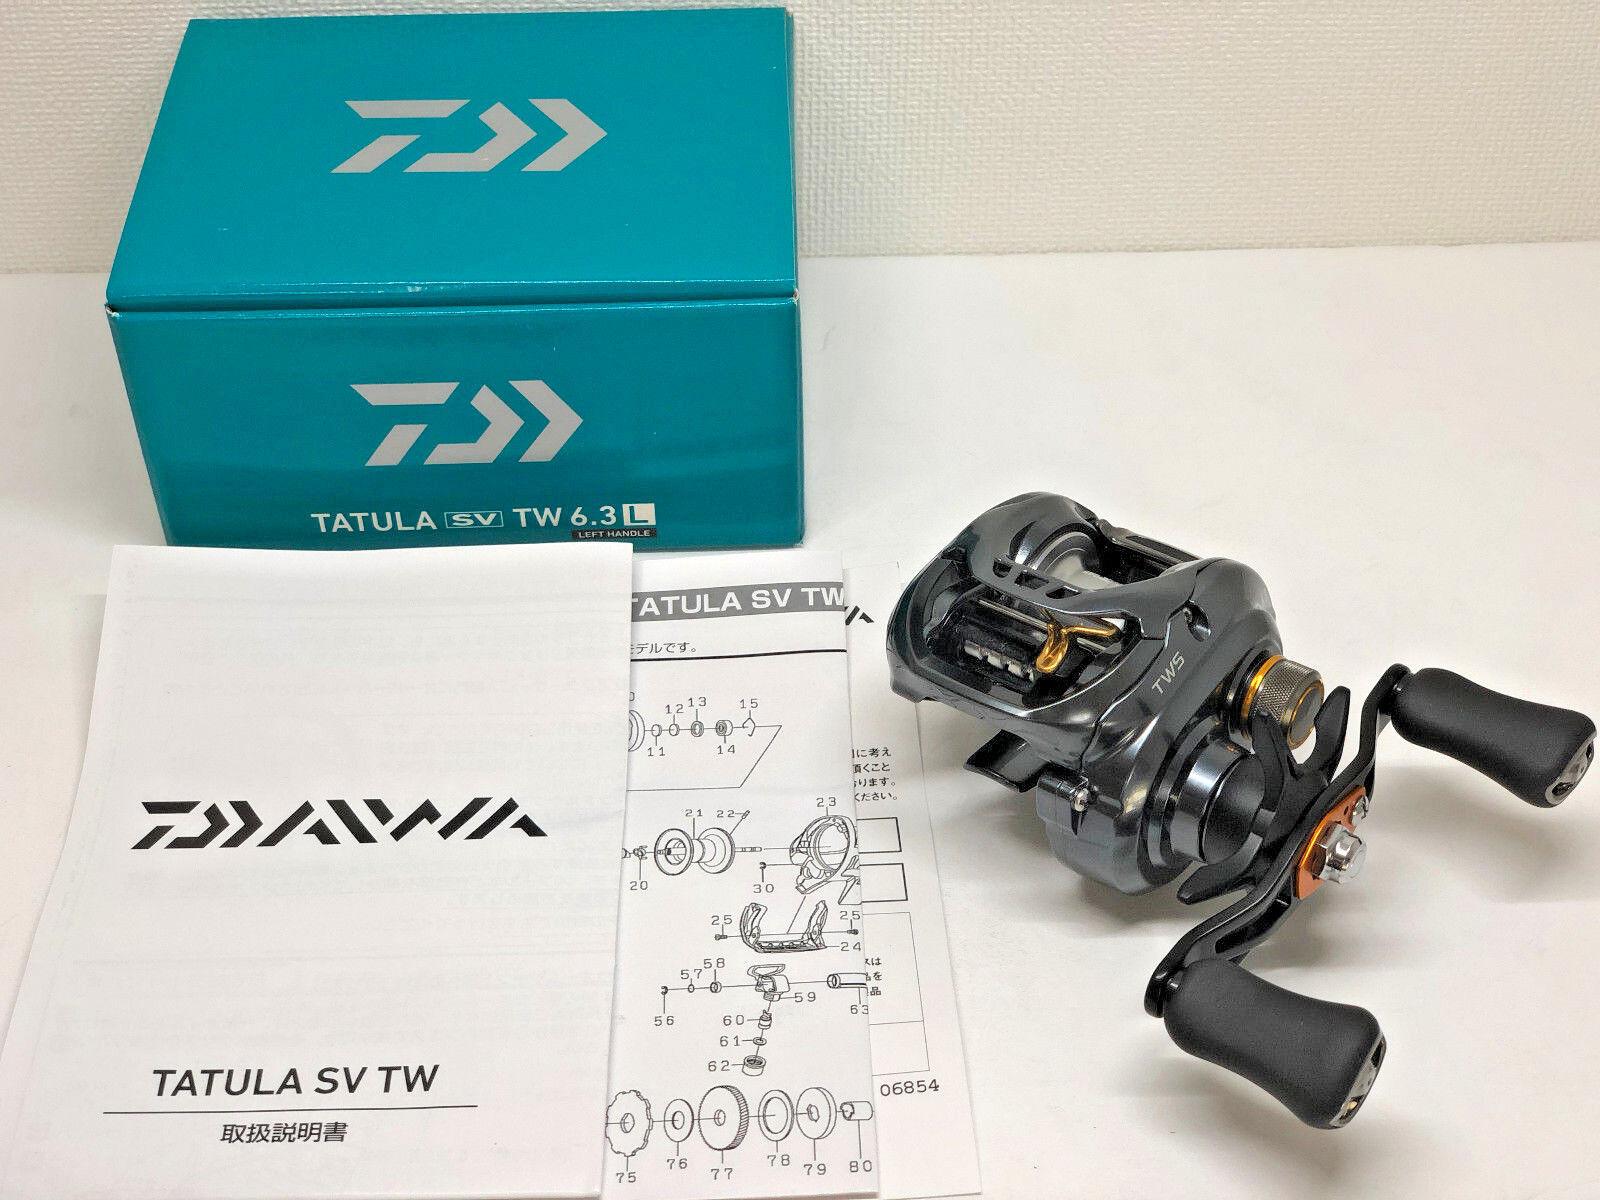 DAIWA 17 TATULA SV TW 6.3L   - Free Shipping from Japan